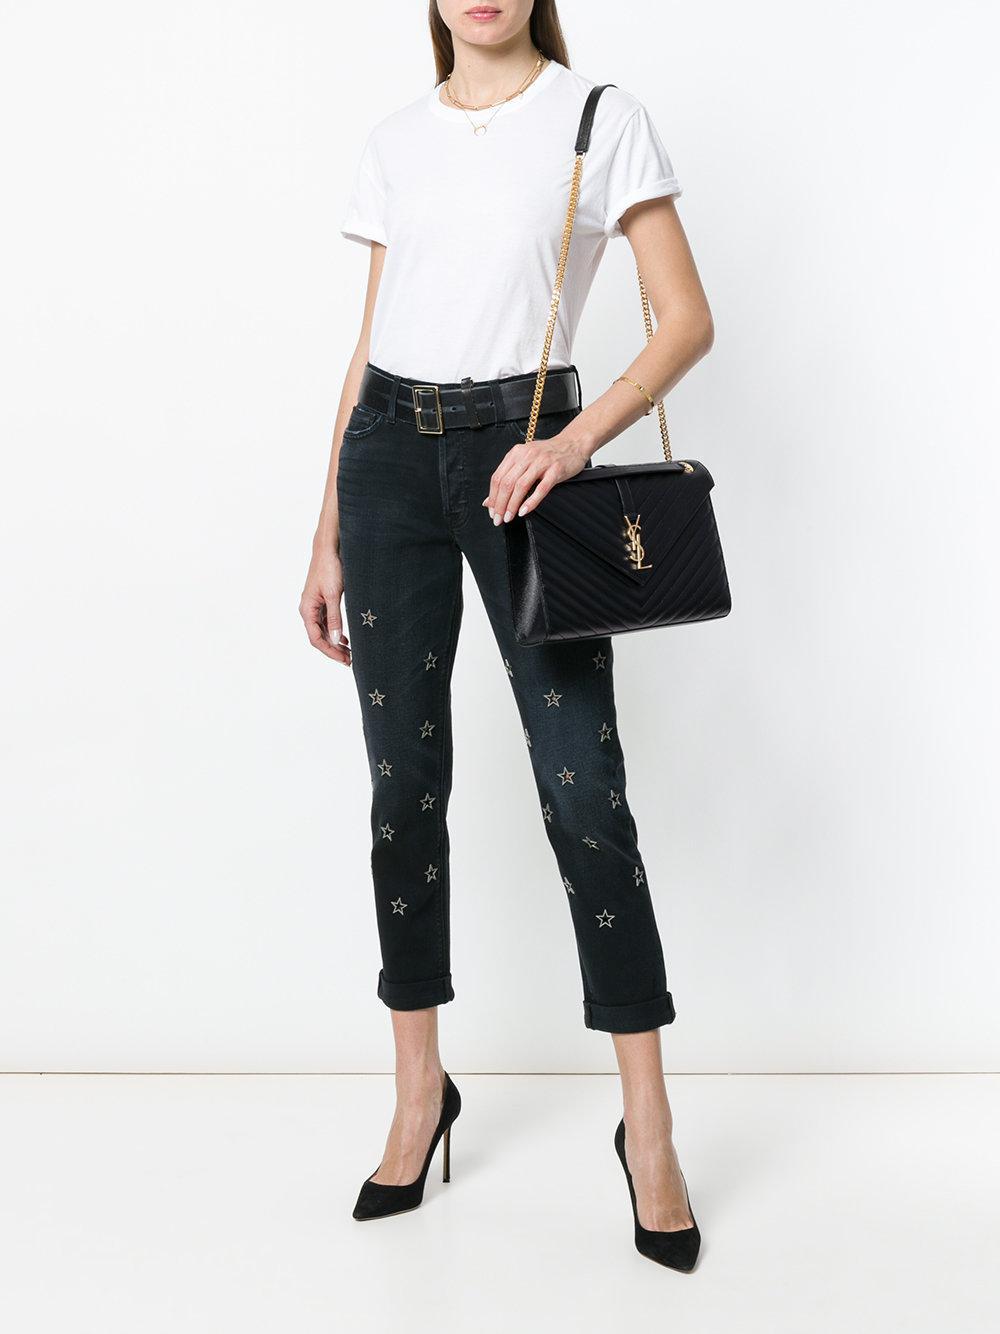 0e6a9464735f Lyst - Saint Laurent Large Envelope Grain De Poudre Chain Bag in Black